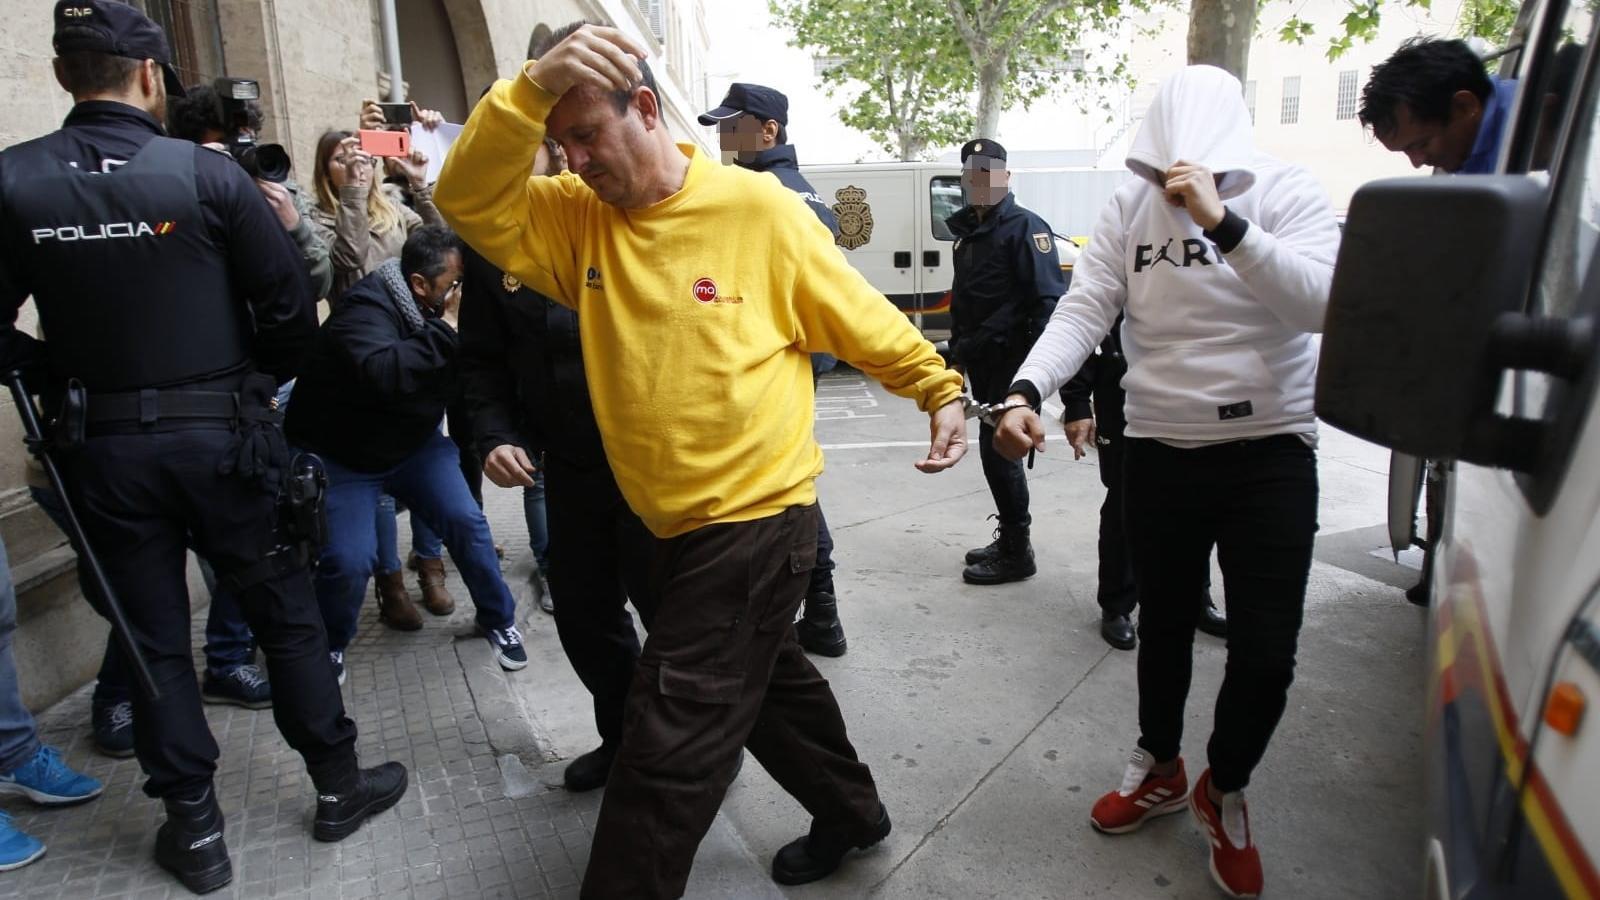 La Policia no descarta un efecte imitació en l'onada de contenidors cremats a Palma